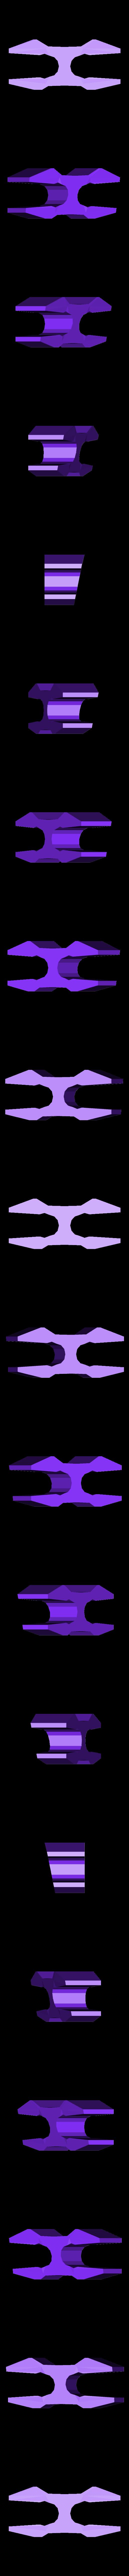 T-34-76 - hull_connector.stl Télécharger fichier STL T-34/76 pour l'assemblage, avec voies mobiles • Objet pour imprimante 3D, c47